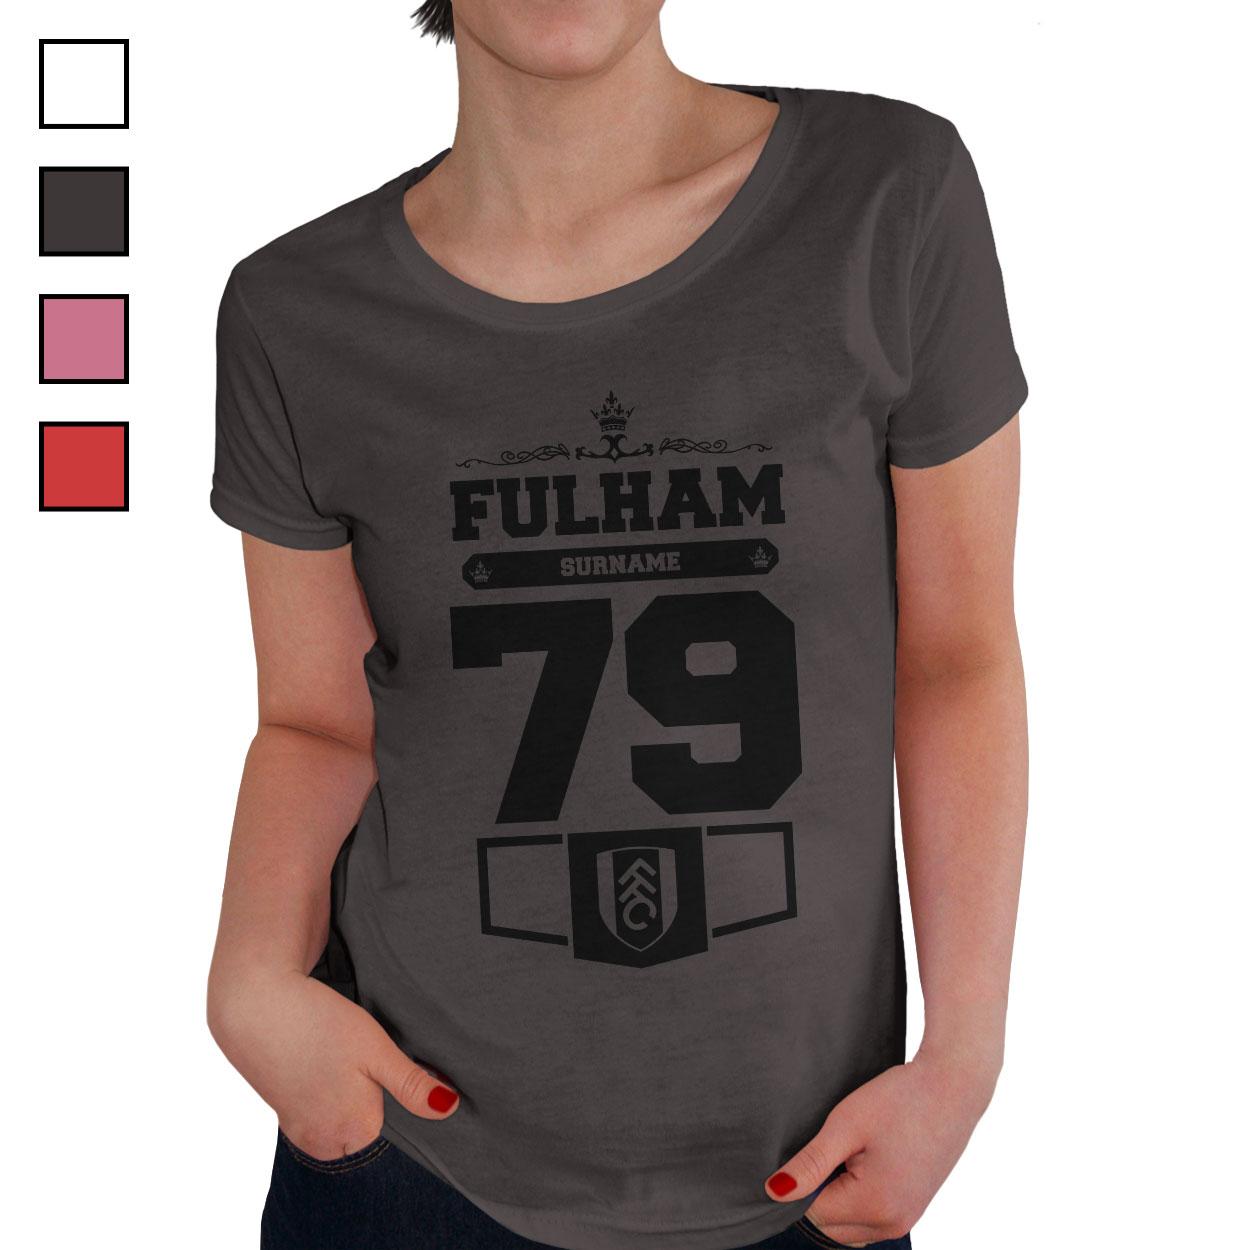 Fulham FC Ladies Club T-Shirt